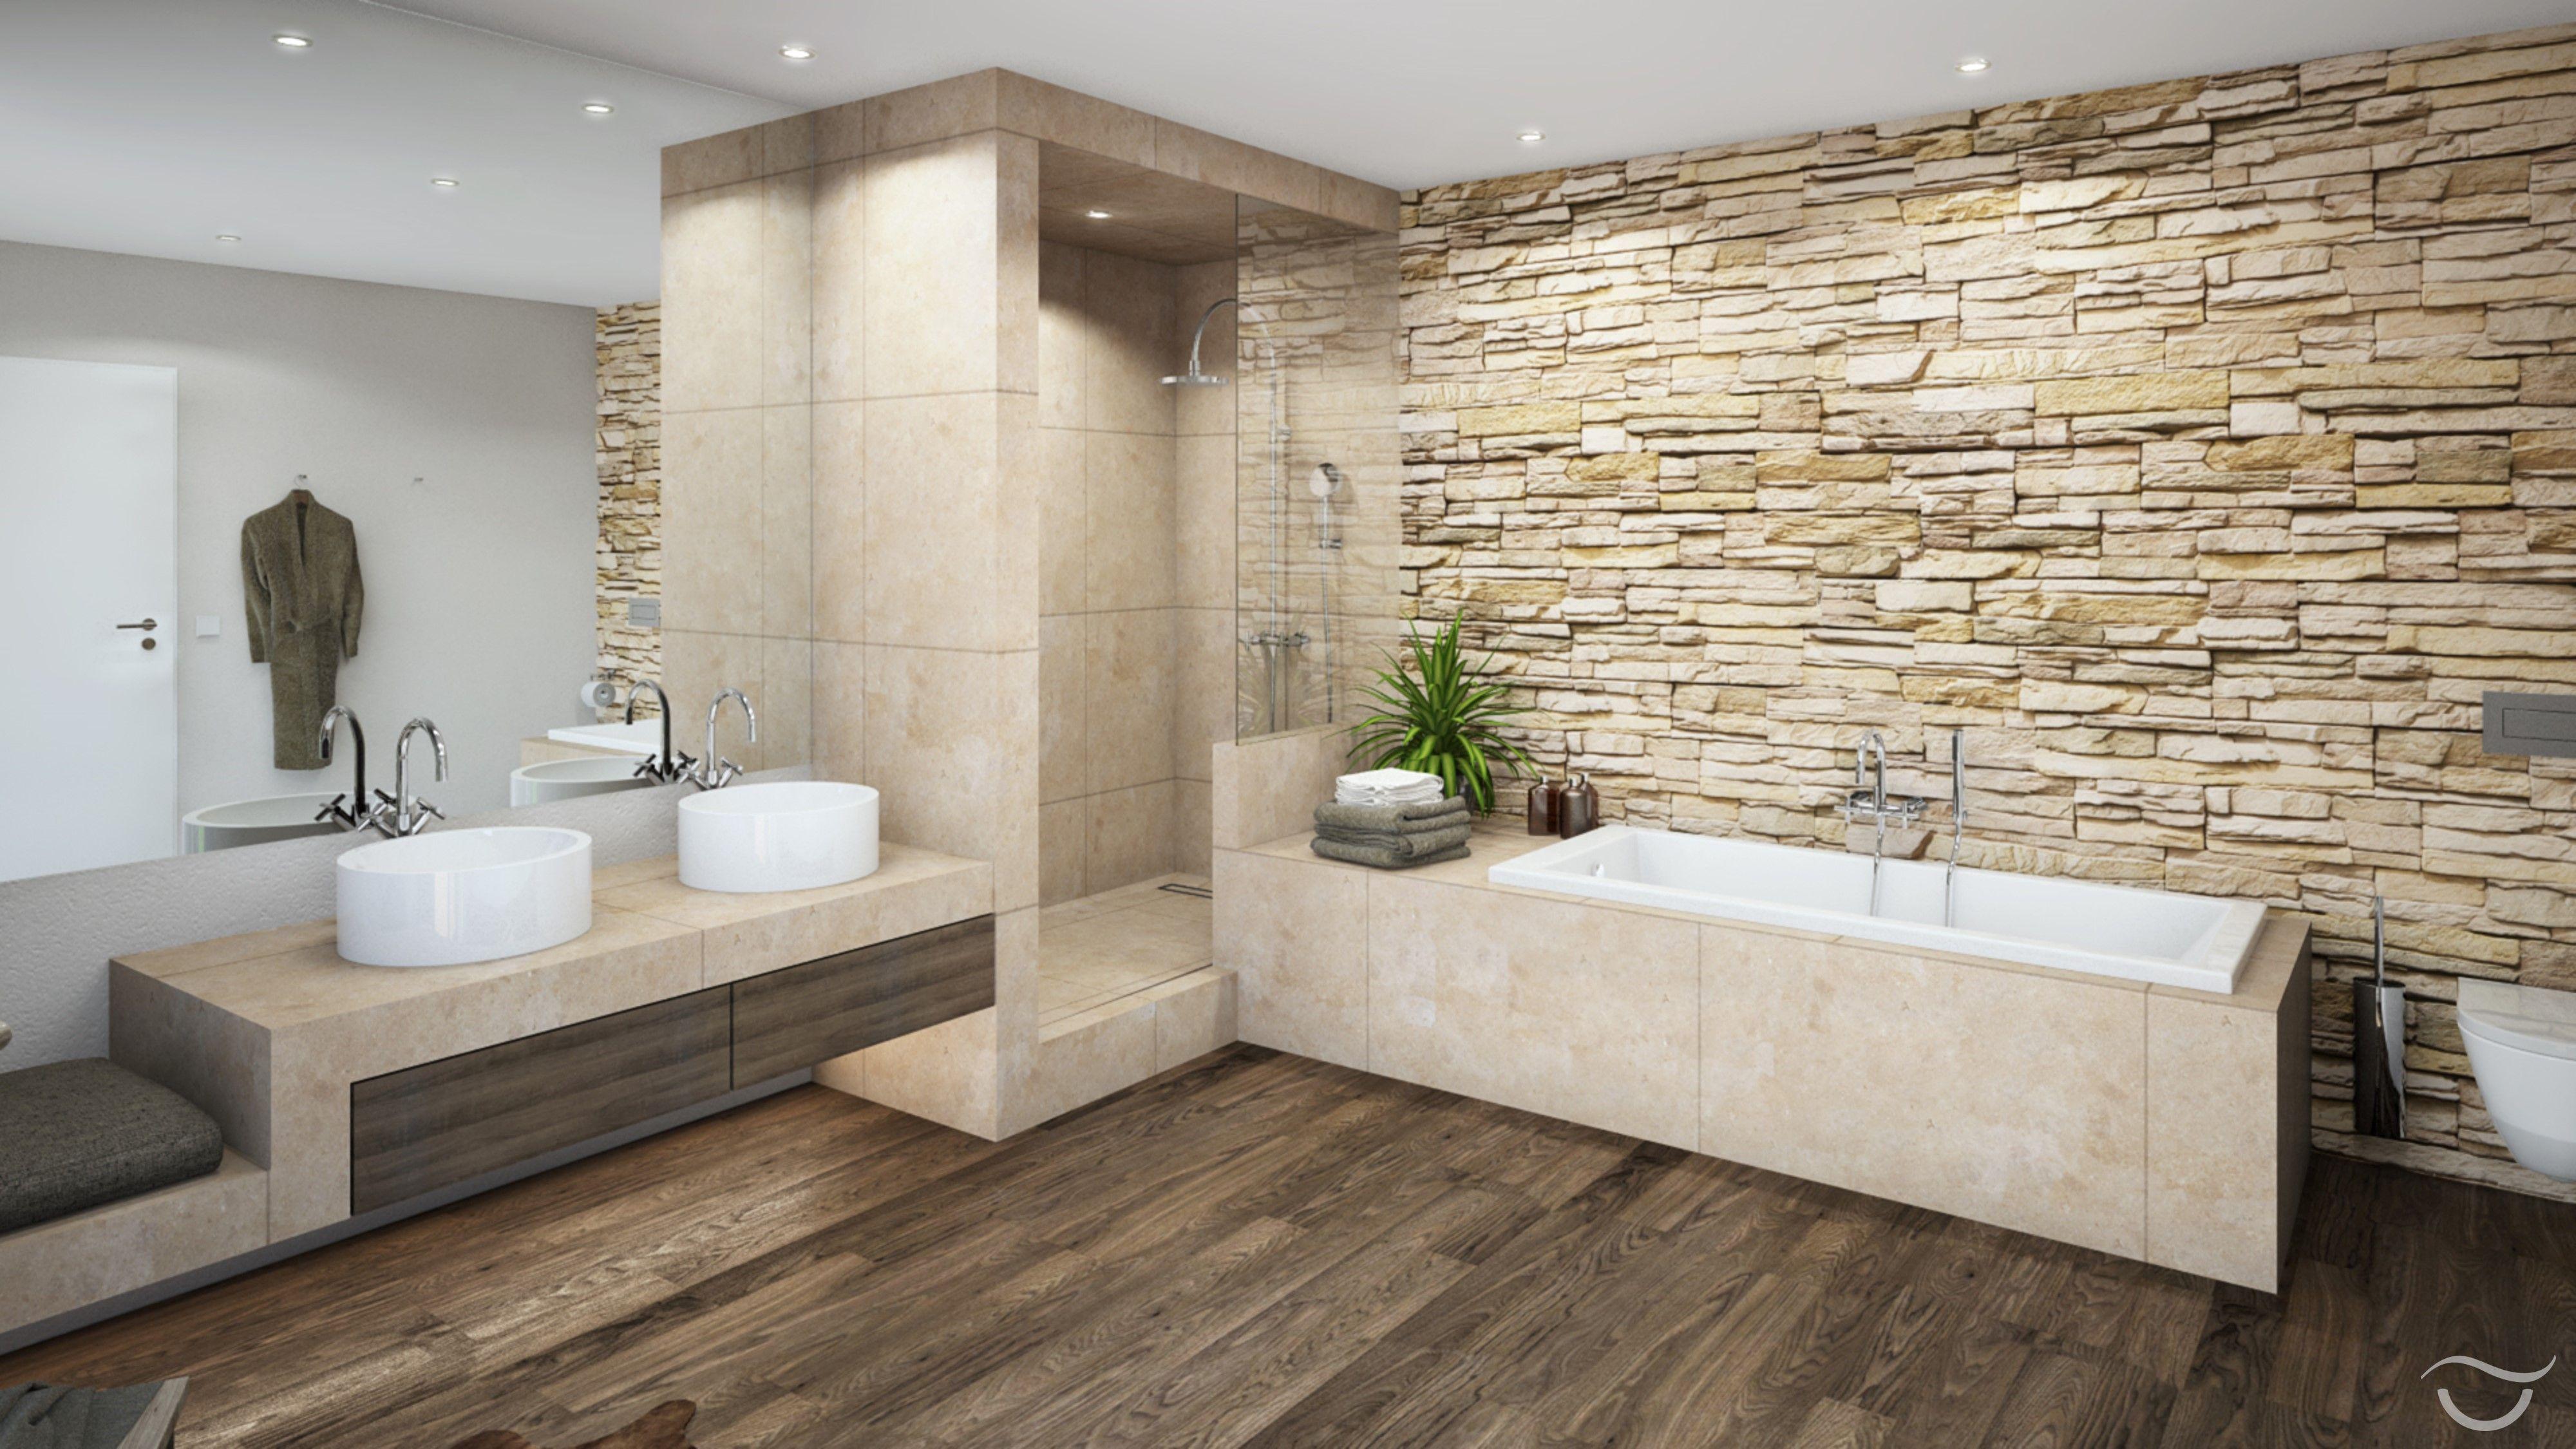 Naturliche Materialien Wie Holz Und Natursteine Sowie Auch Warme Farben Erzeugen Eine Gemutliche Atmosp Badezimmer Innenausstattung Badezimmerideen Badezimmer